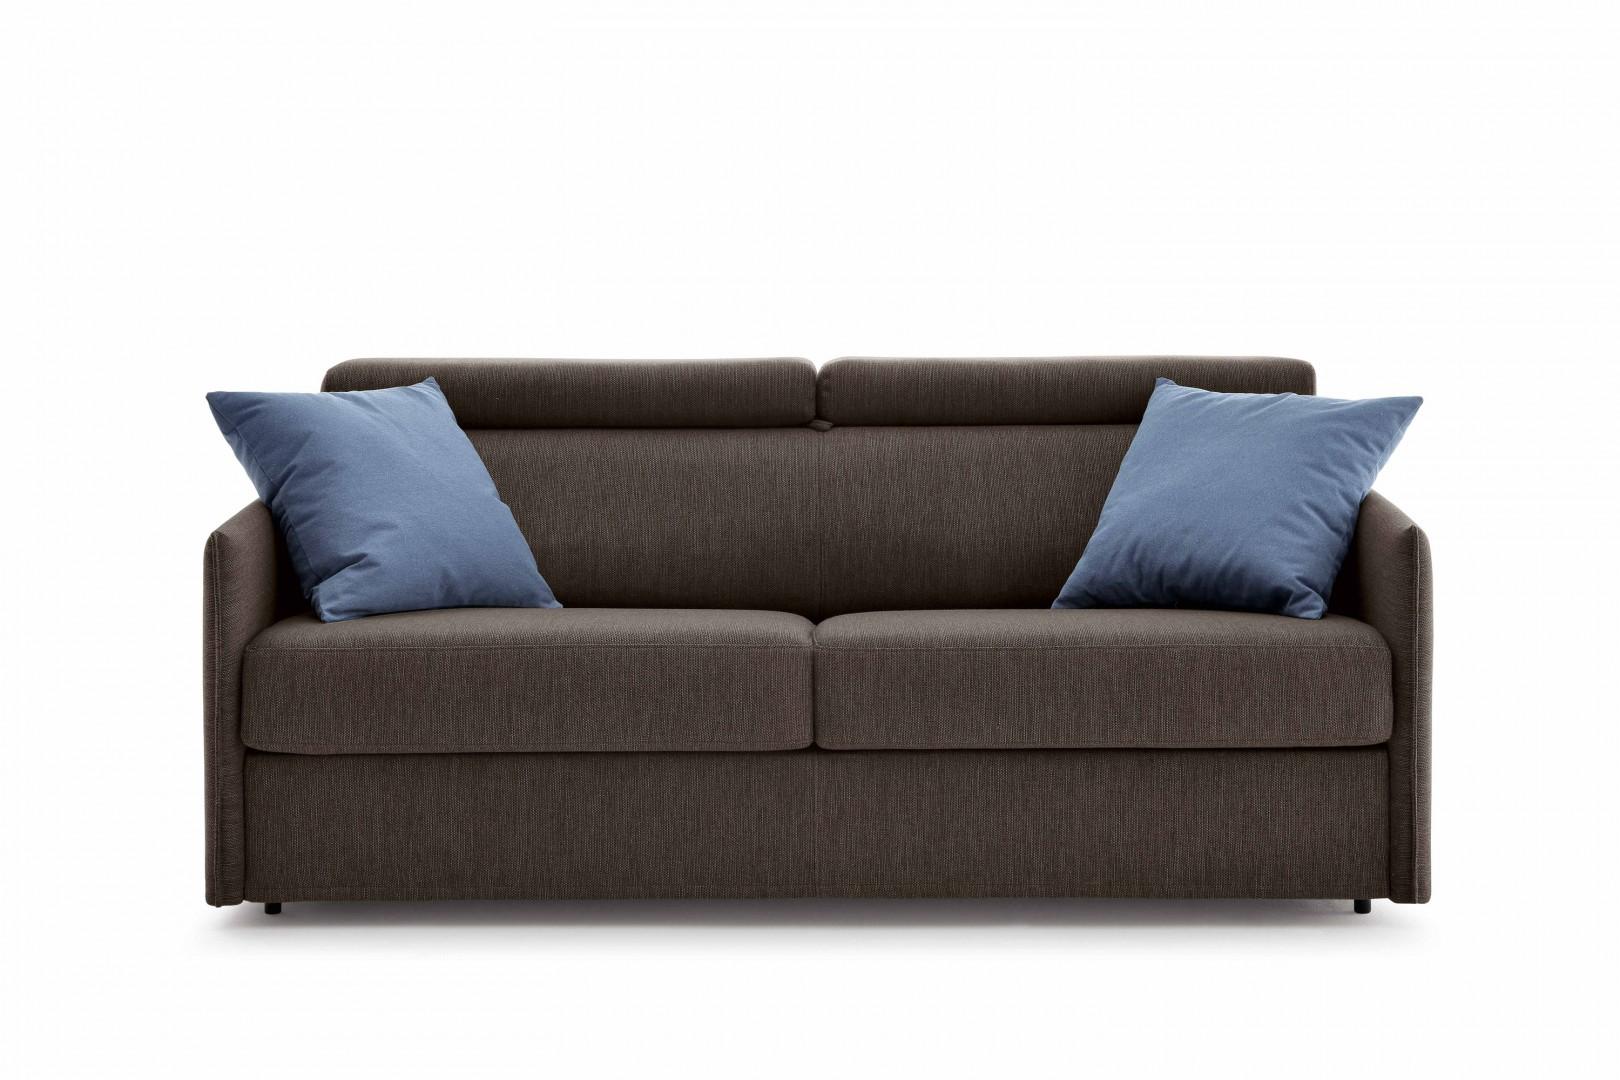 divani letti trasformabili: divano letto flipper. - Mobili Trasformabili Verona